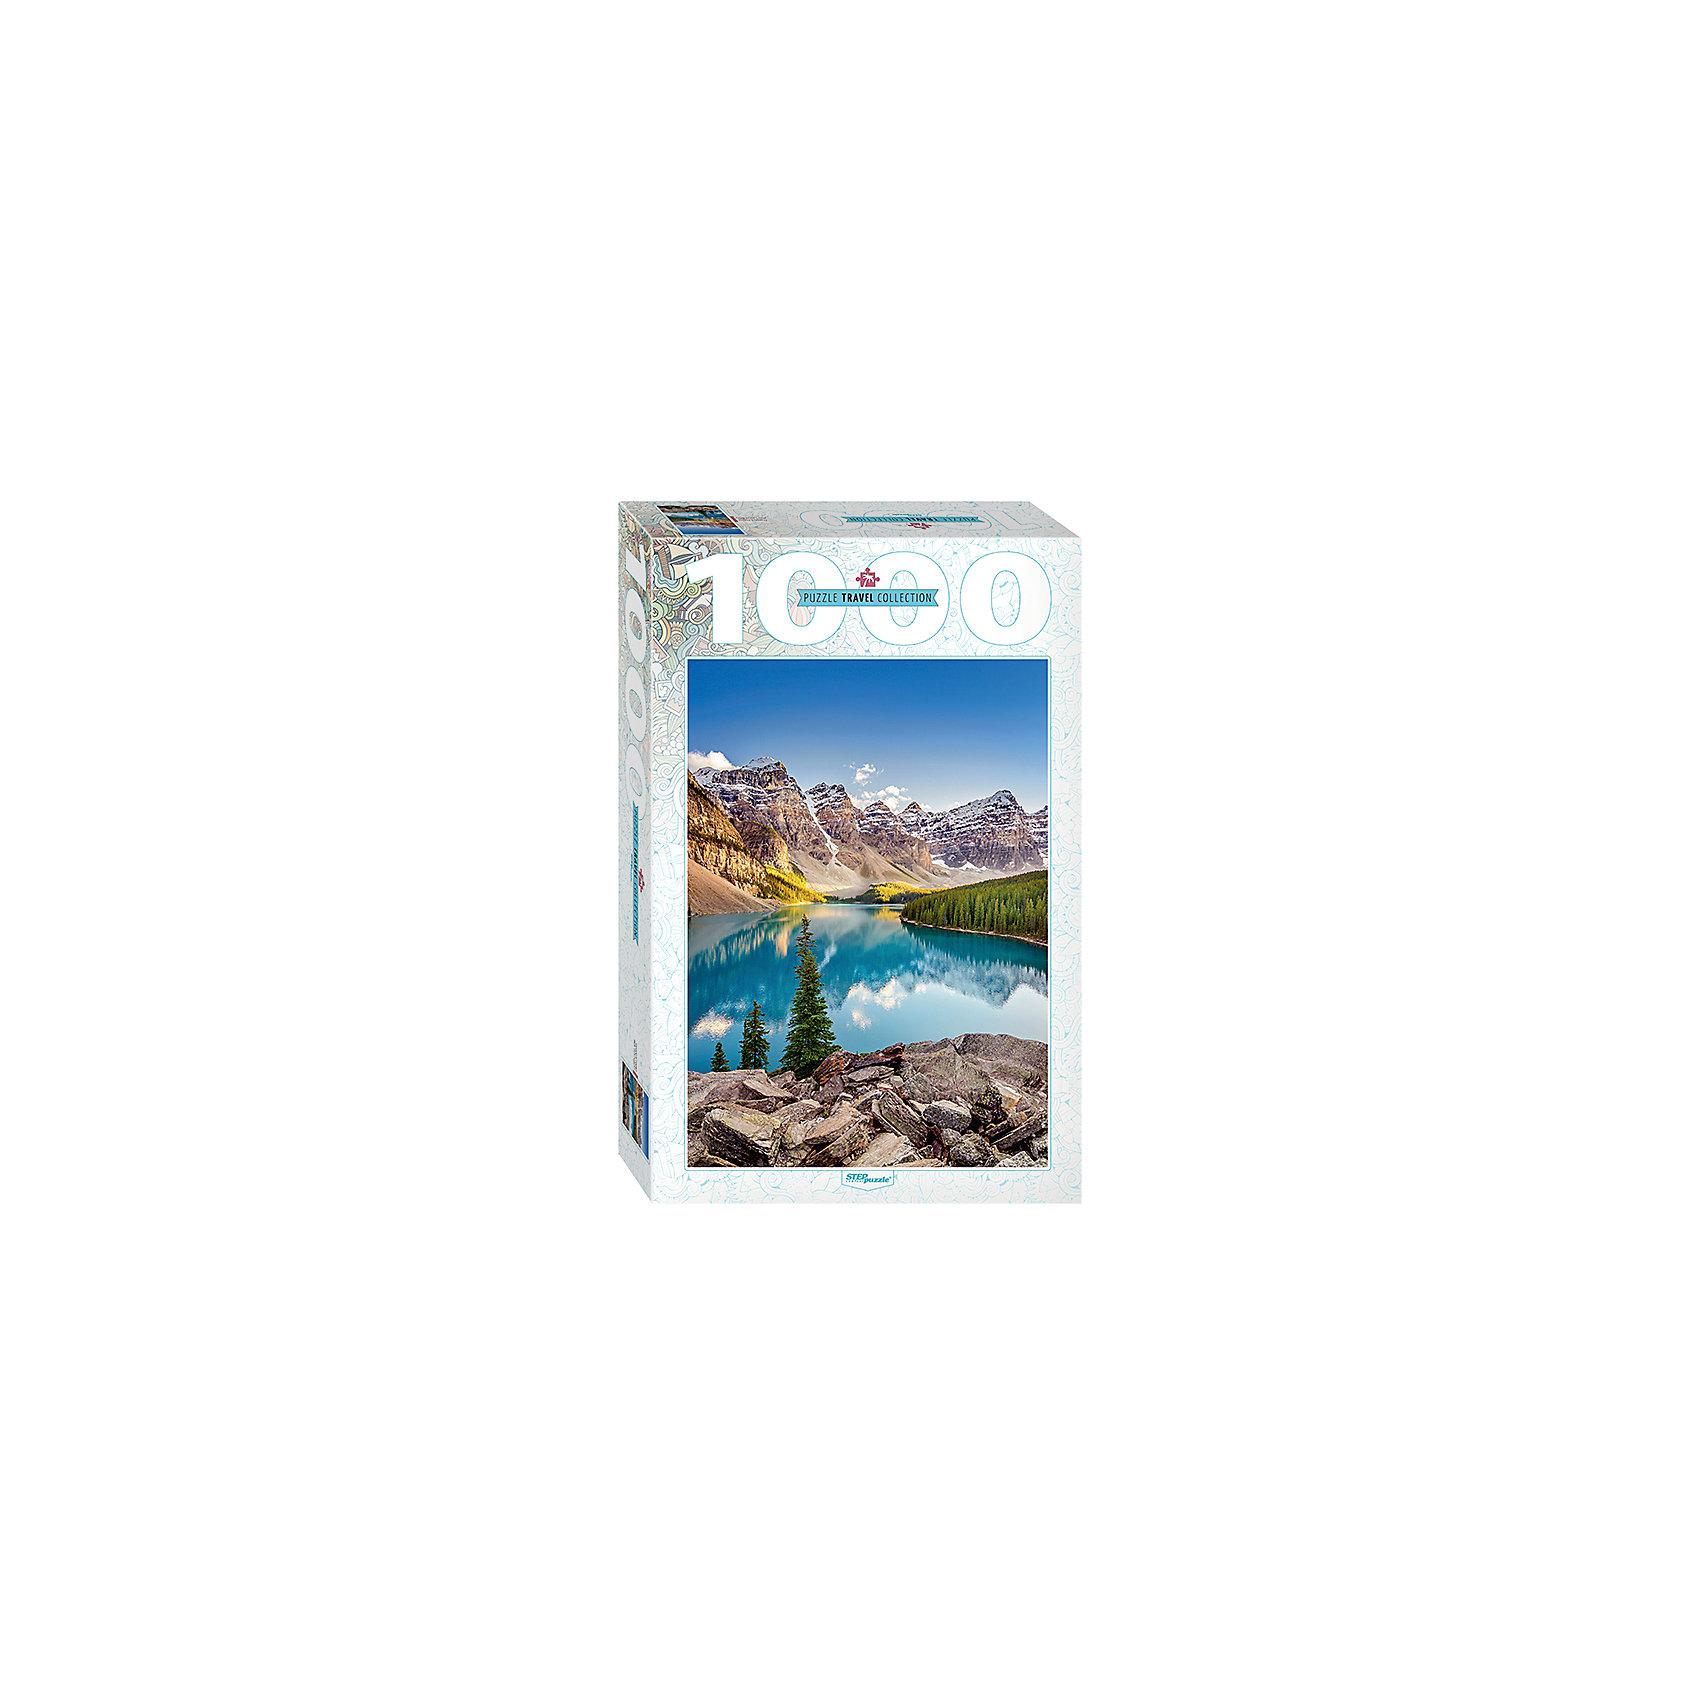 Пазл Озеро в горах, 1000 деталей, Степ ПазлПазлы для детей постарше<br>Пазл Озеро в горах, 1000 деталей, Степ Пазл<br><br>Характеристики:<br><br>• красивый пейзаж на готовой картинке<br>• размер собранного изображения: 68х48 см<br>• количество деталей: 1000<br>• размер детали: 2х1,7 см<br>• материал: картон<br>• размер упаковки: 6х33х21,5 см<br>• вес: 620 грамм<br><br>Озеро Морейн - одно из самых красивых озёр нашей планеты. Собрав пазл Озеро в горах, вы сможете полюбоваться красивым пейзажем ледникового озера Морейн. Красочное изображение делает картинку еще привлекательнее. В комплект входит 1000 деталей из плотного картона. Собирание пазлов развивает мелкую моторику, логическое мышление, внимательность и усидчивость.<br><br>Пазл Озеро в горах, 1000 деталей, Степ Пазл вы можете купить в нашем интернет-магазине.<br><br>Ширина мм: 215<br>Глубина мм: 330<br>Высота мм: 60<br>Вес г: 620<br>Возраст от месяцев: 48<br>Возраст до месяцев: 2147483647<br>Пол: Унисекс<br>Возраст: Детский<br>SKU: 5502548